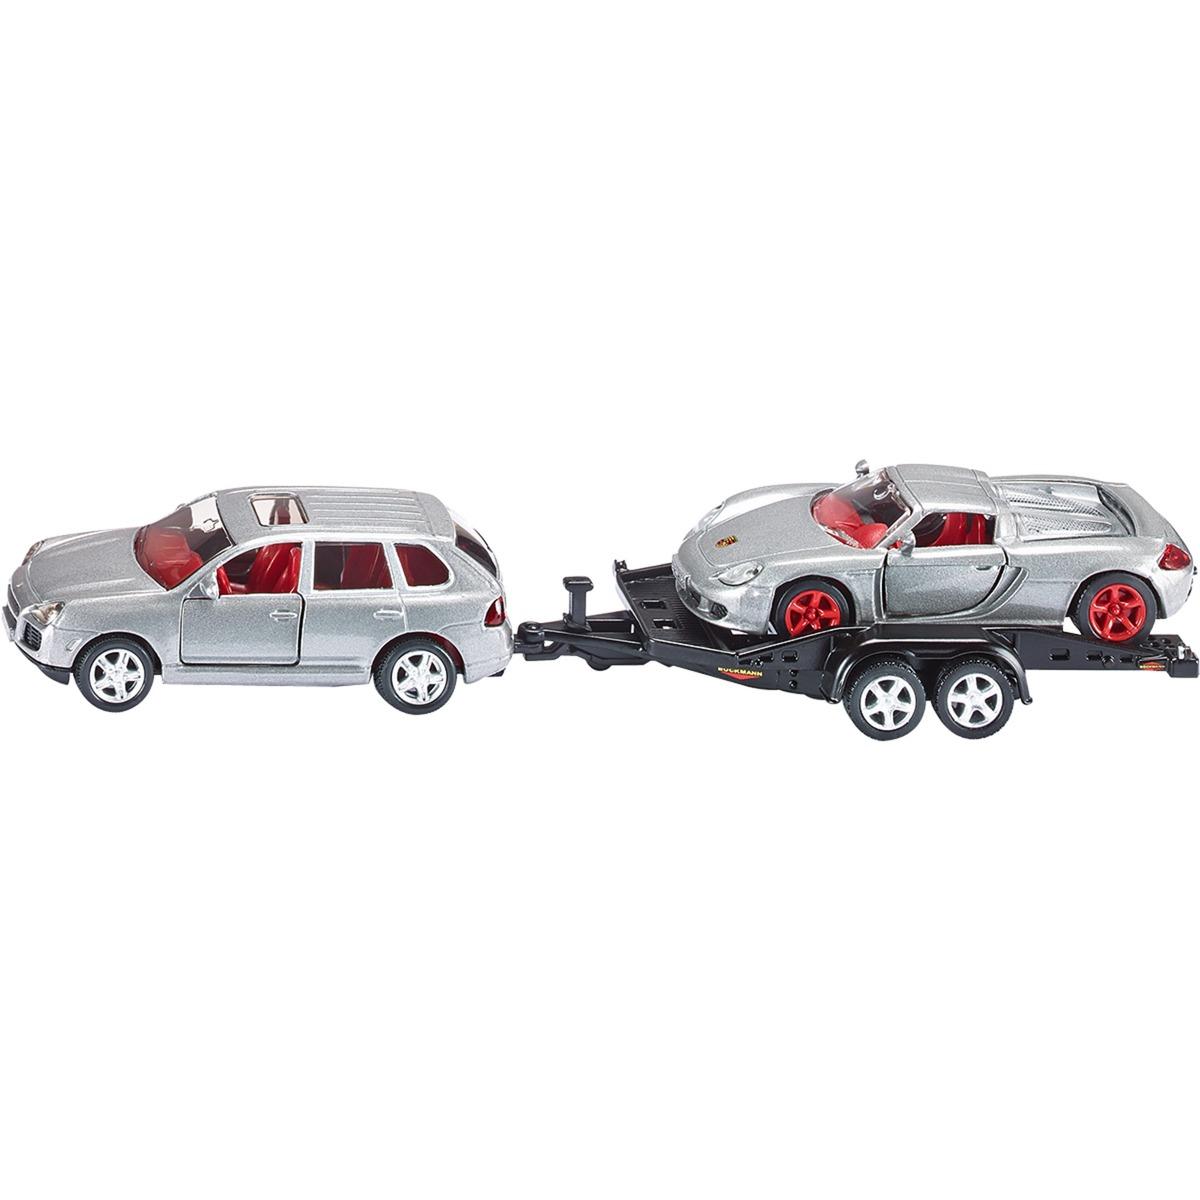 pkw-mit-wohnwagen-model-koretoj